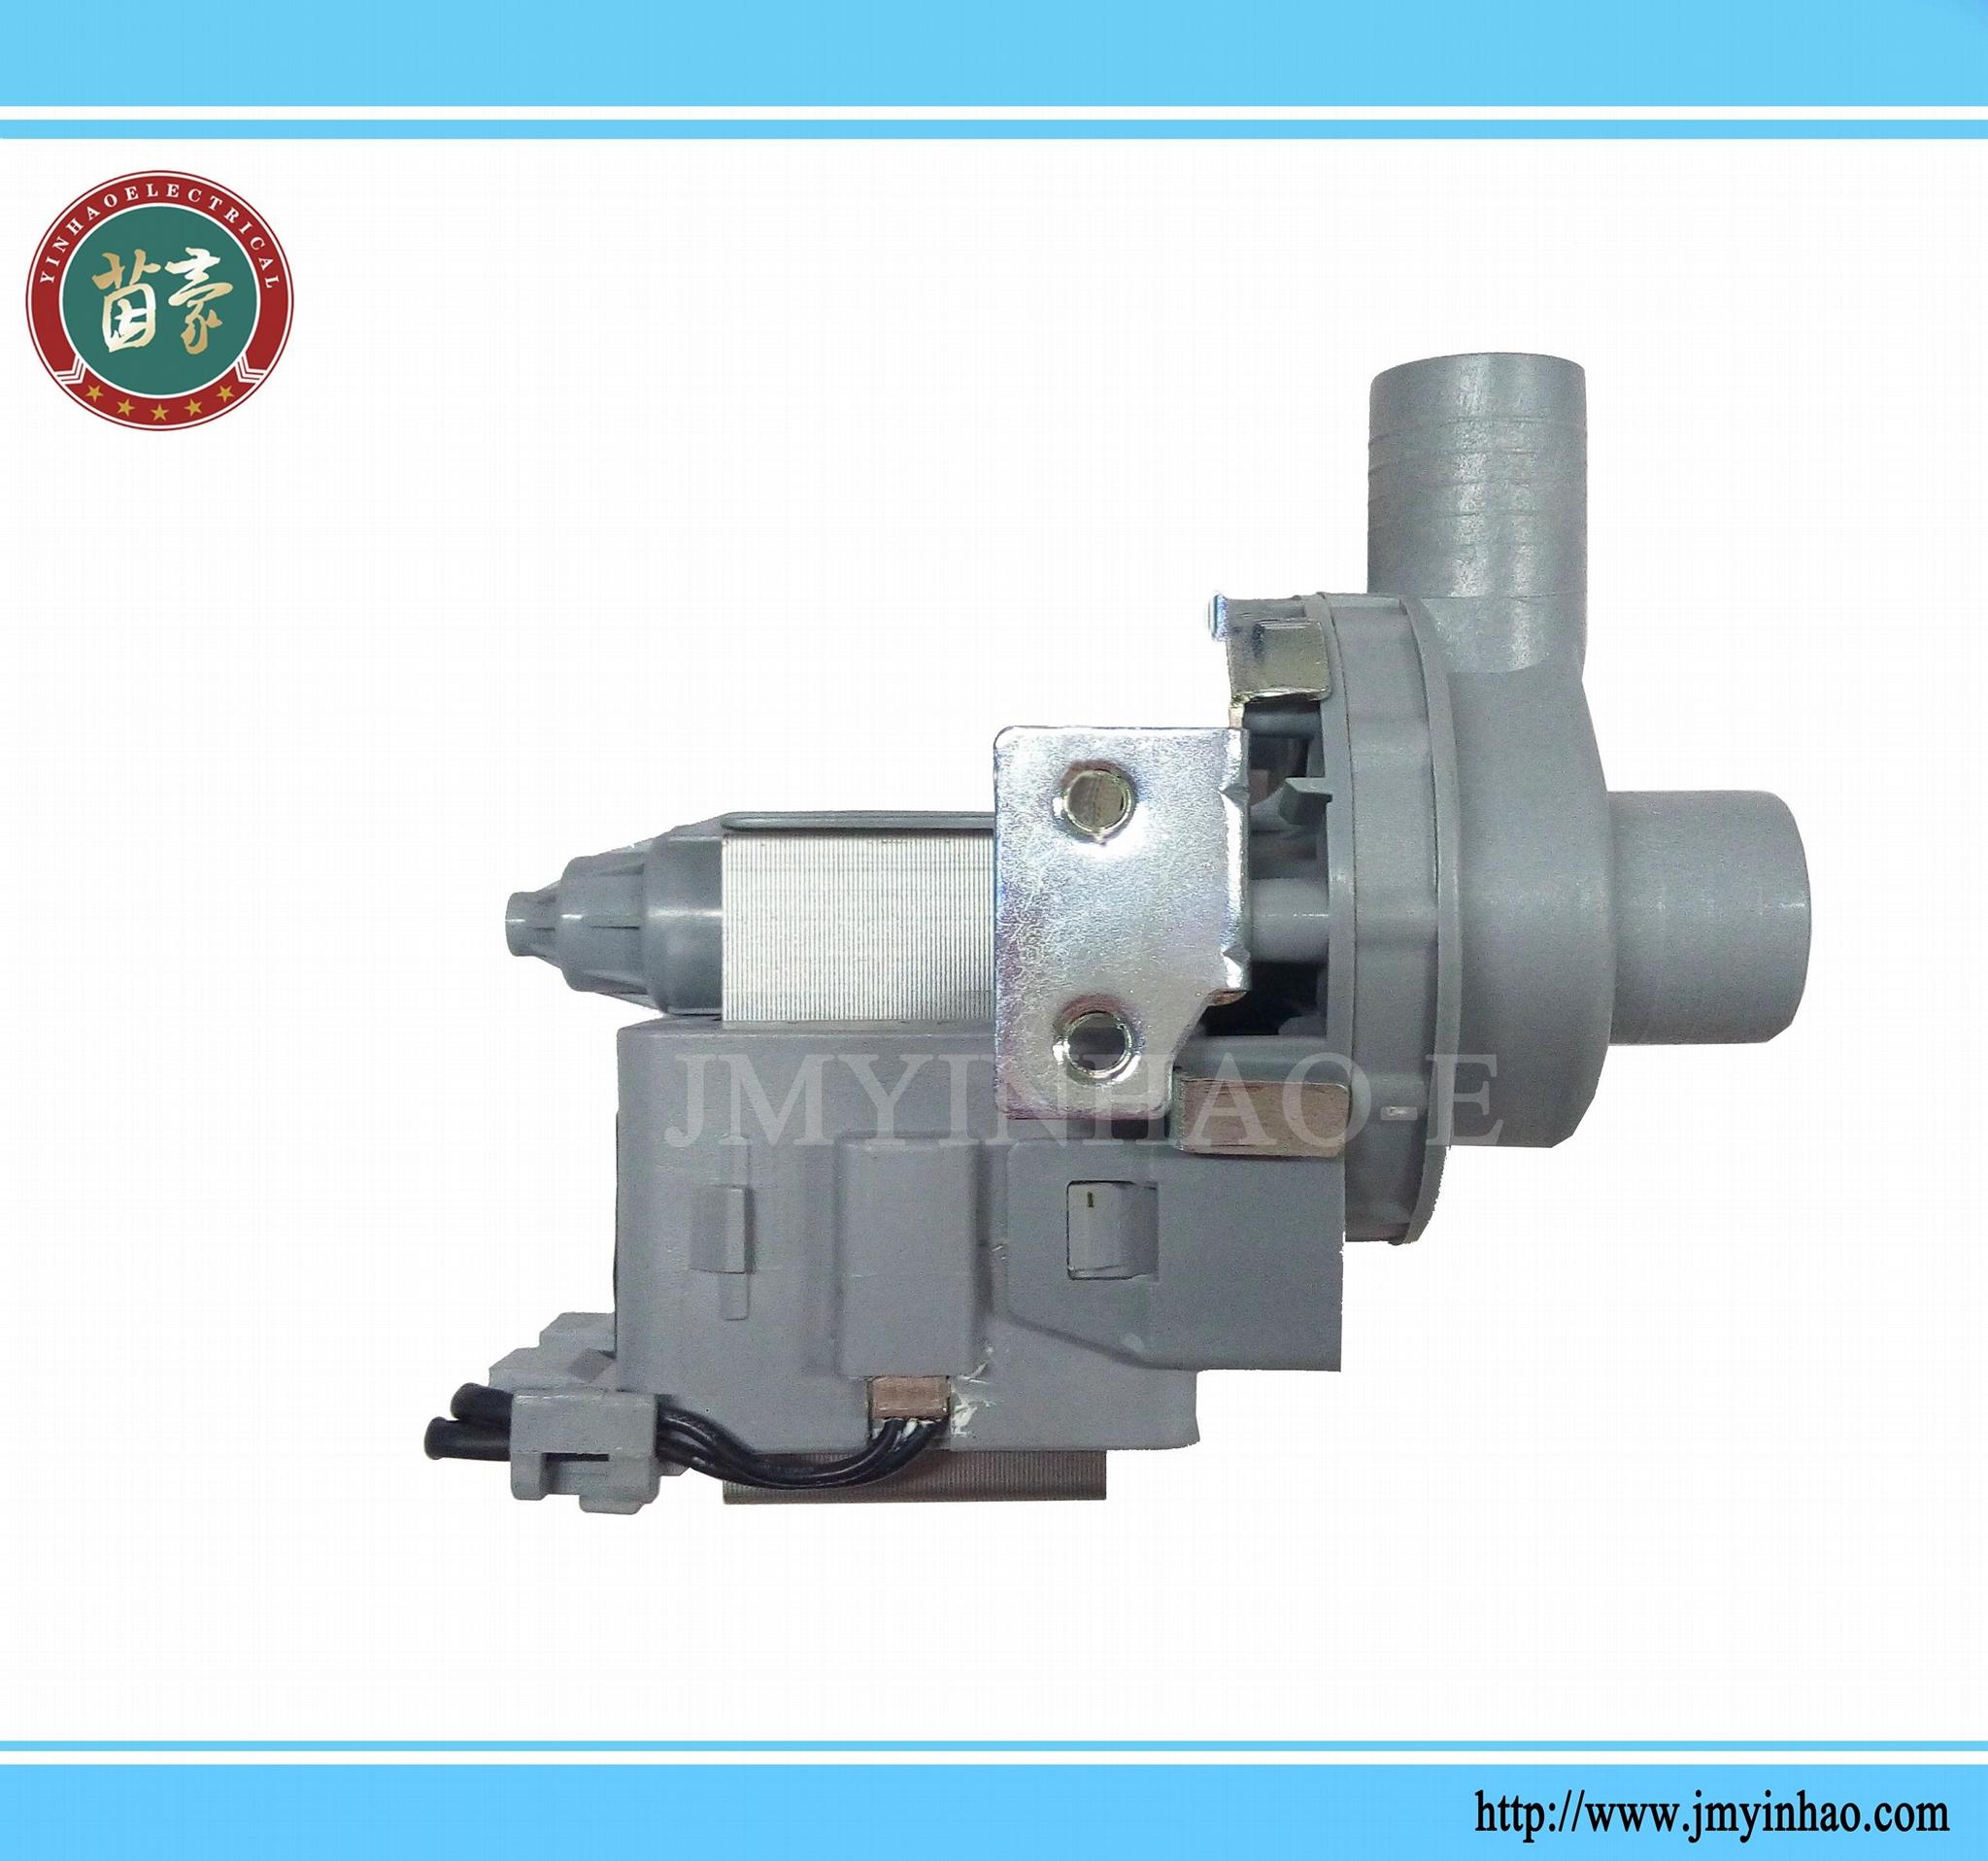 制冰机配件/制冰机排水泵 3